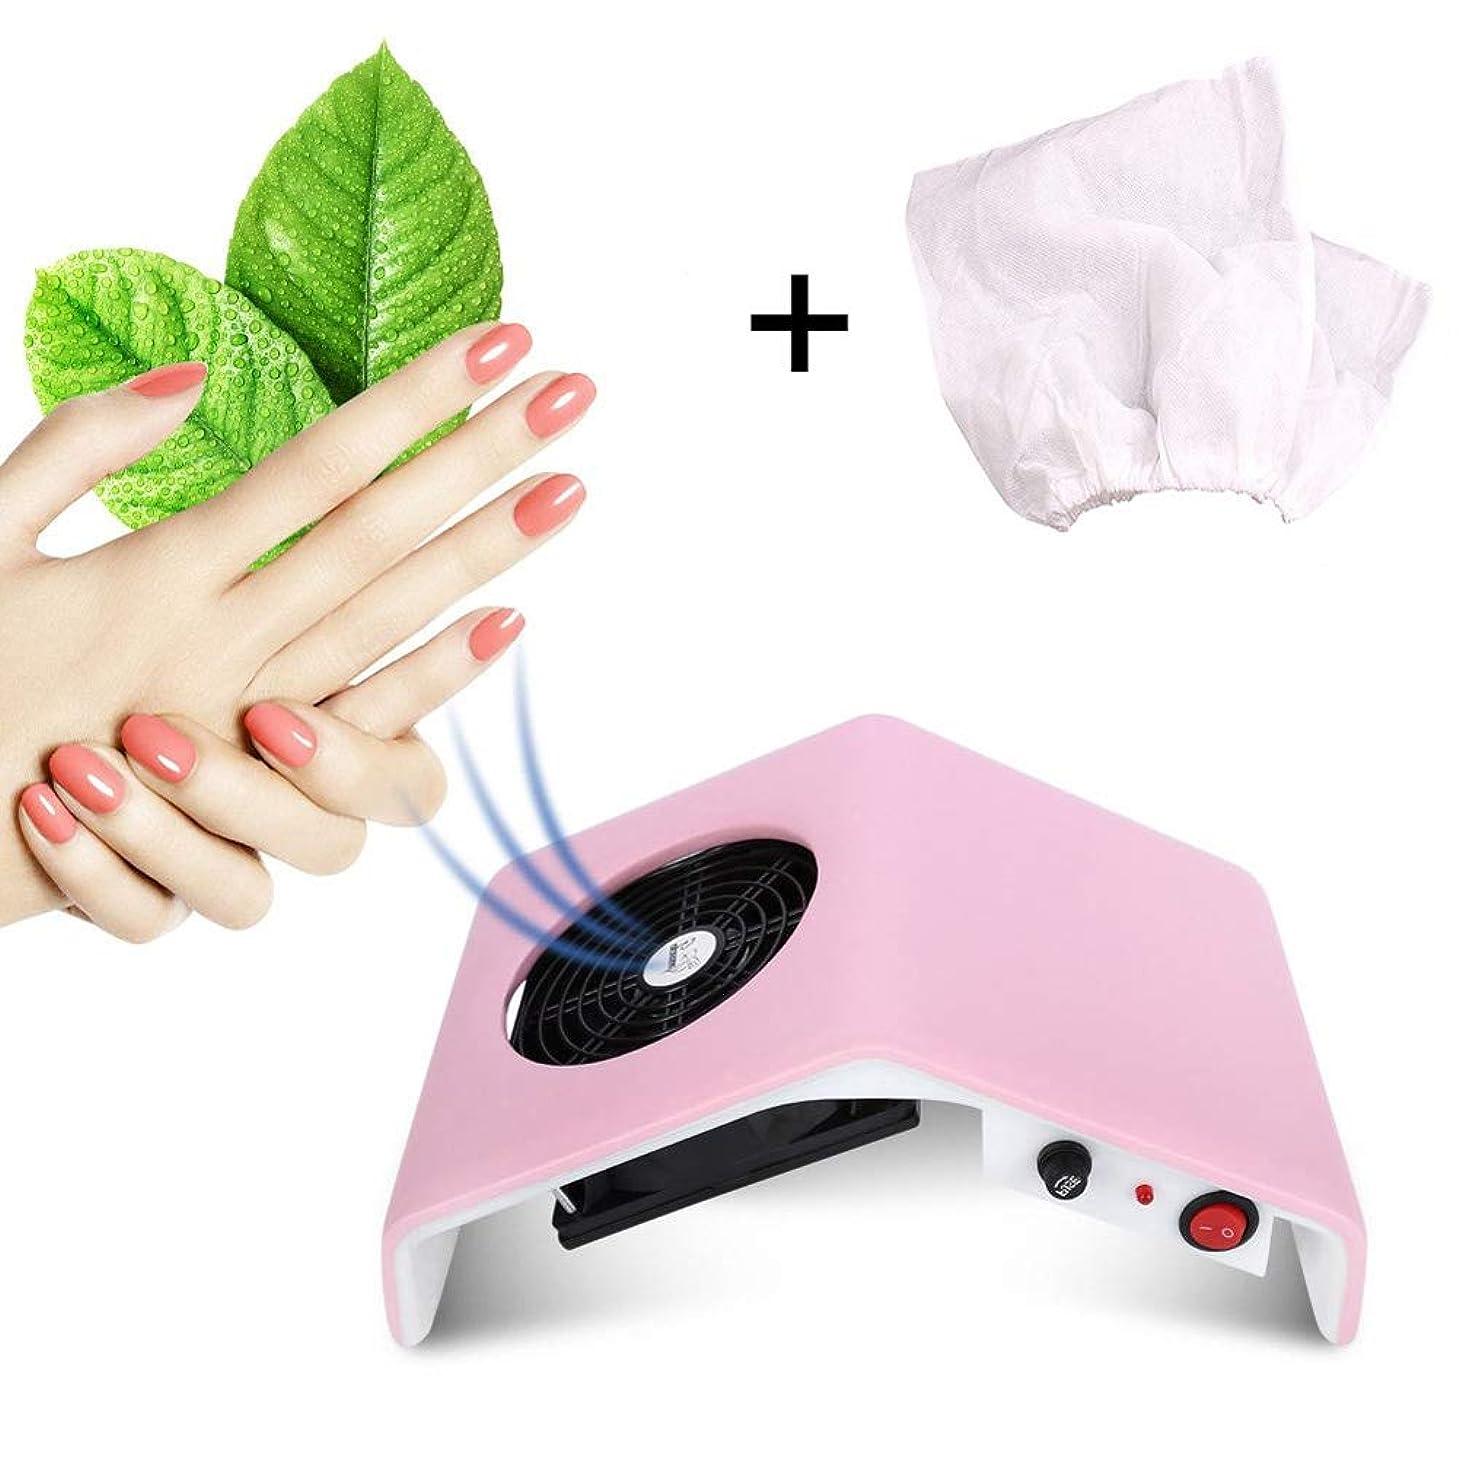 アクリルジェルネイル用電動ネイルダストコレクター、ホームサロン用ポータブル&コンパクトデザイン、ピンク